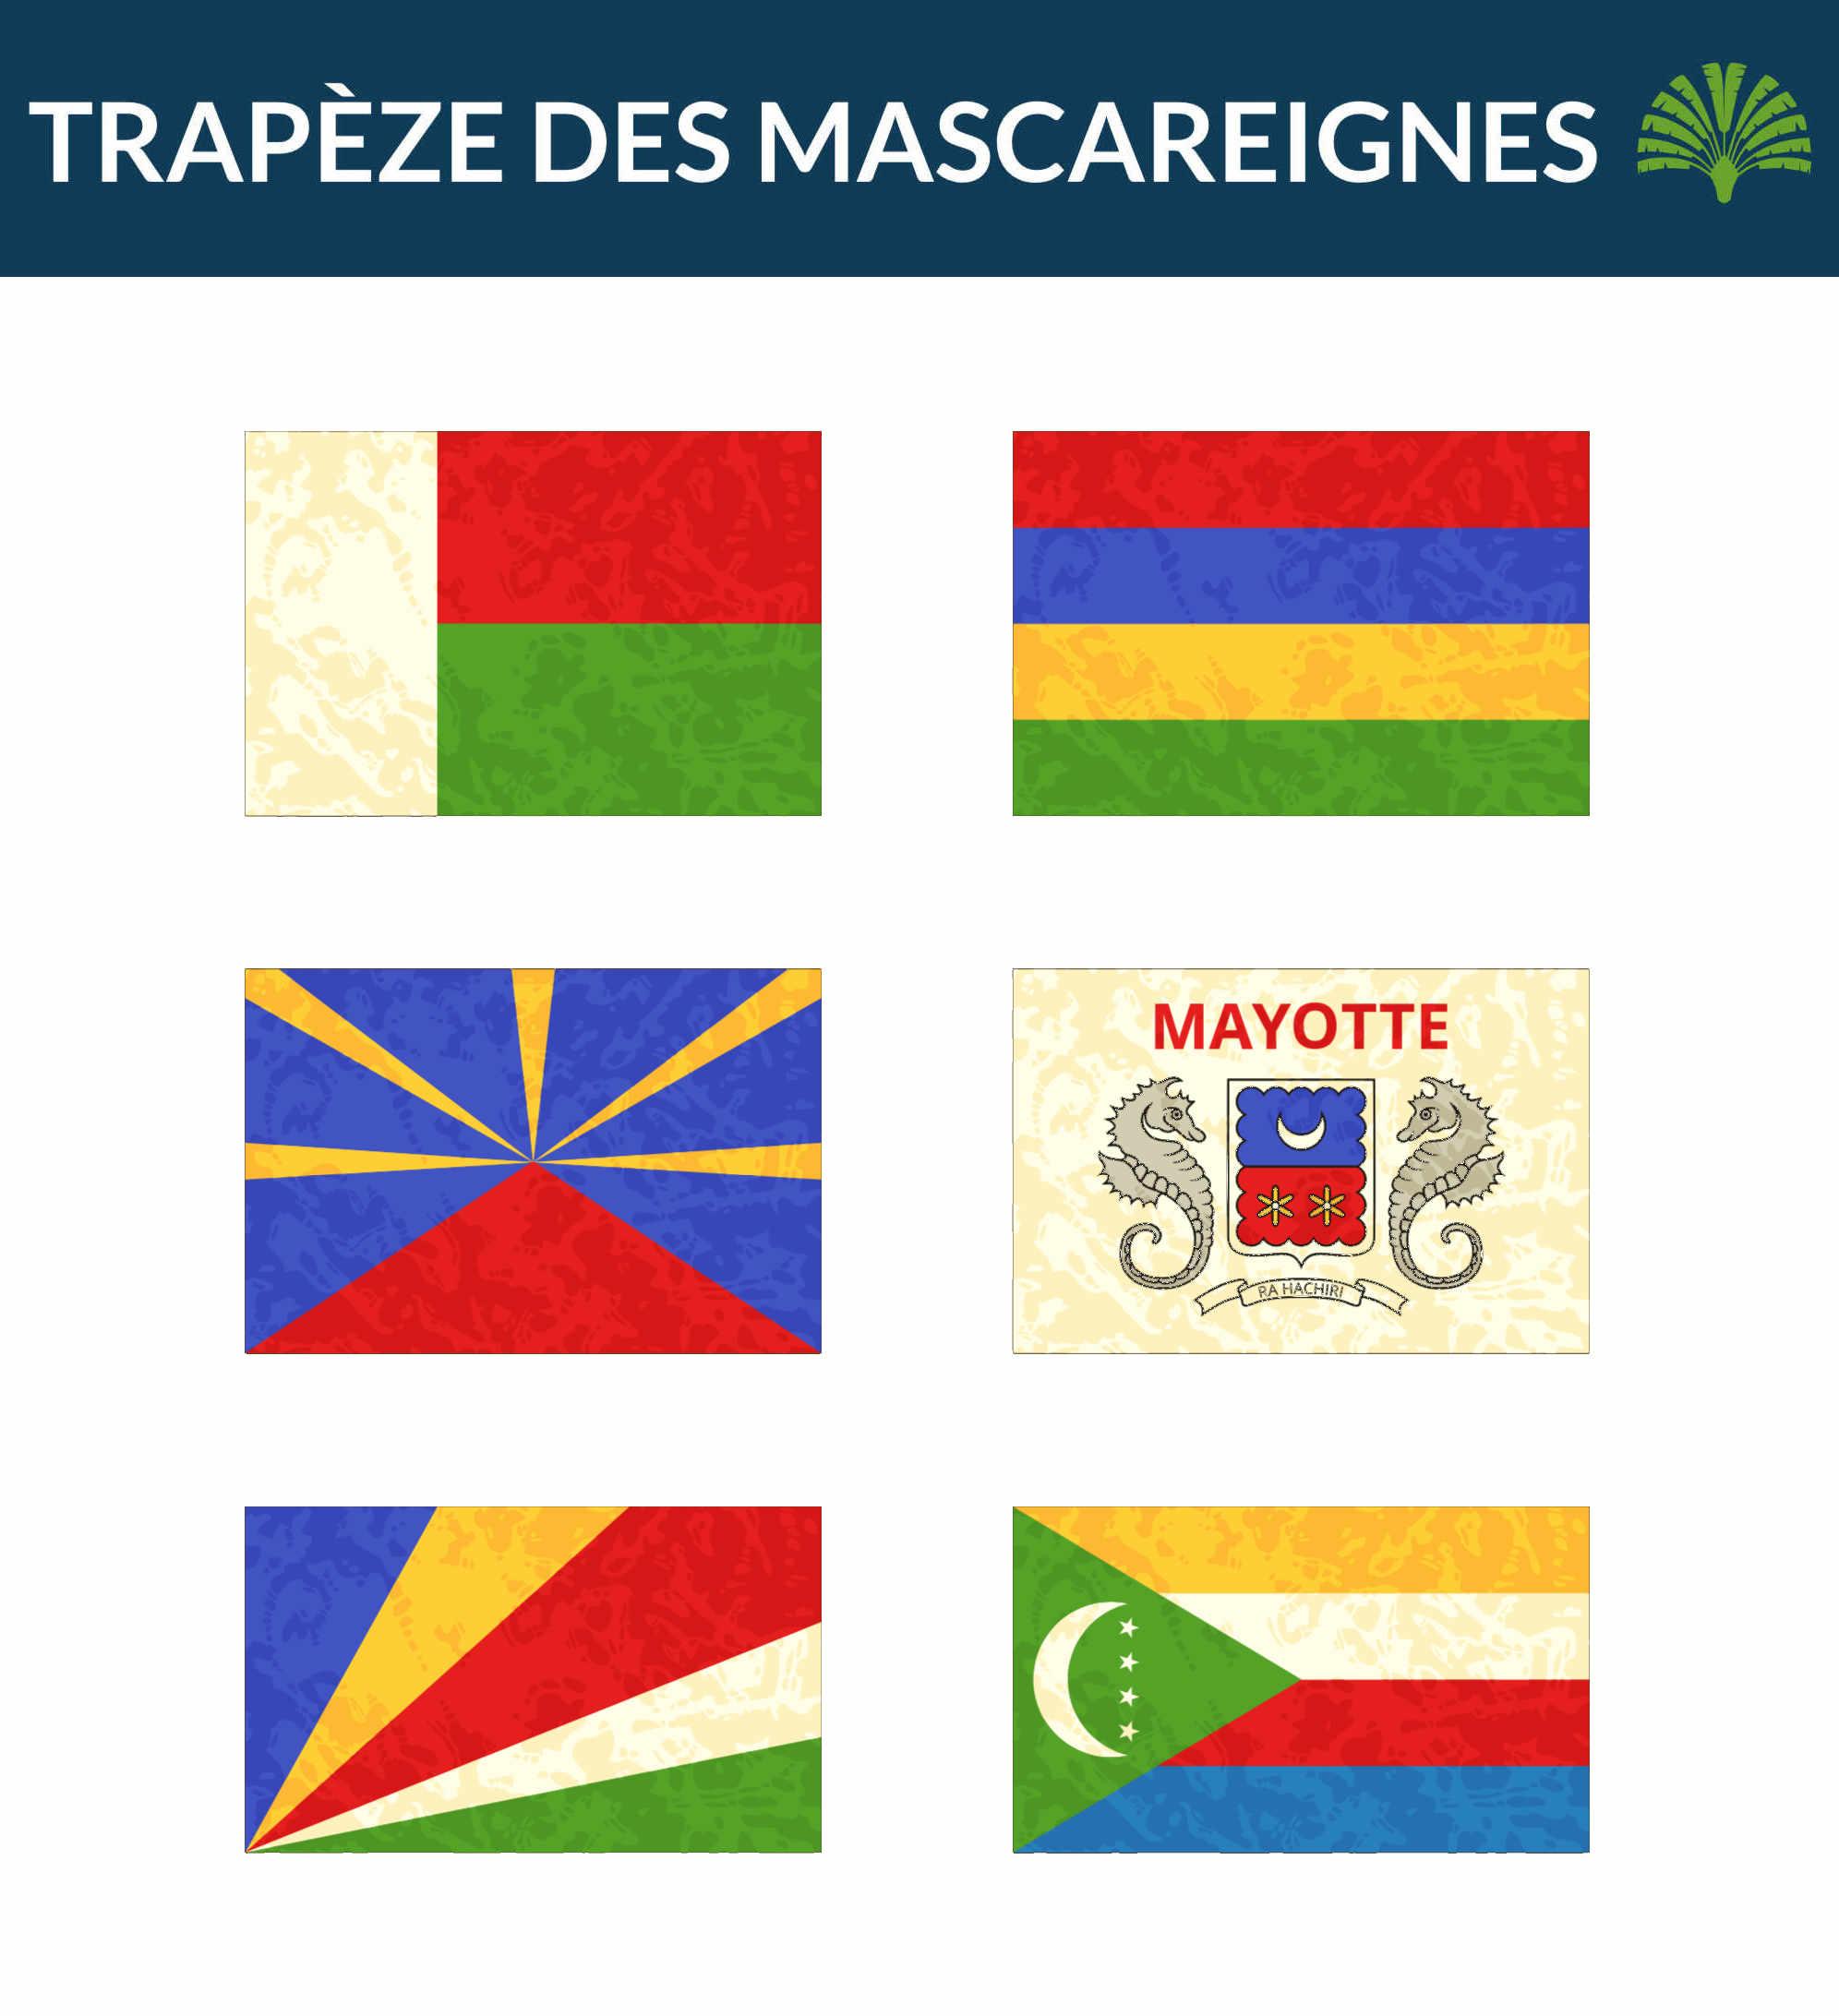 Drapeaux des Iles Trapèze des Mascareignes